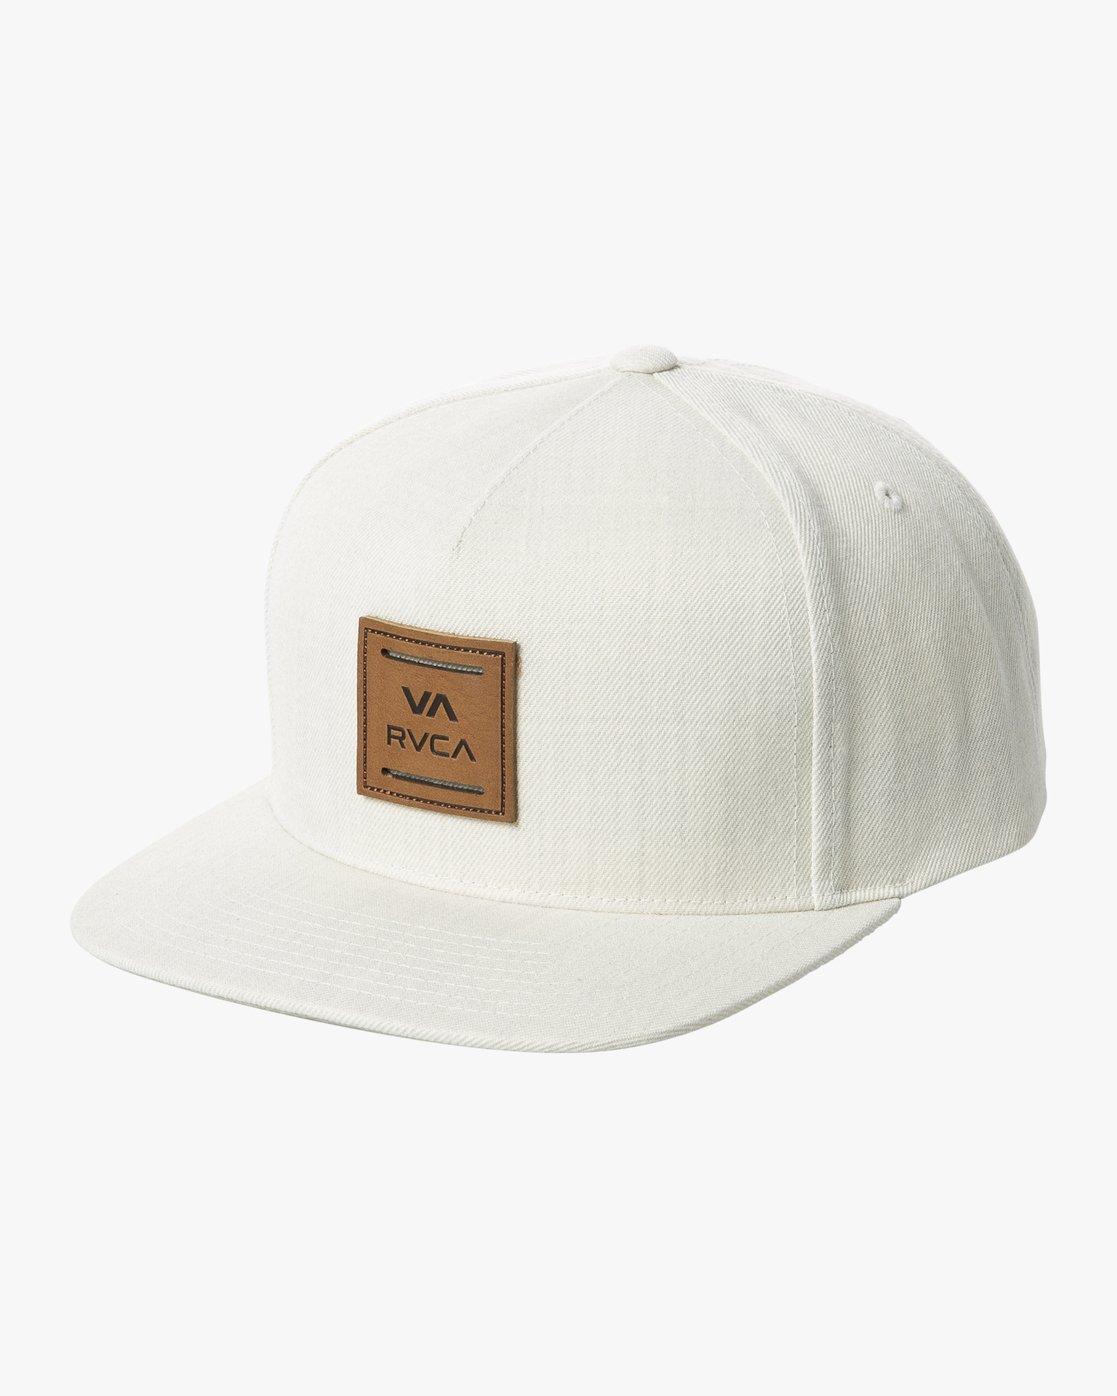 0 VA ALL THE WAY SNAPBACK HAT White MAHWWRVS RVCA